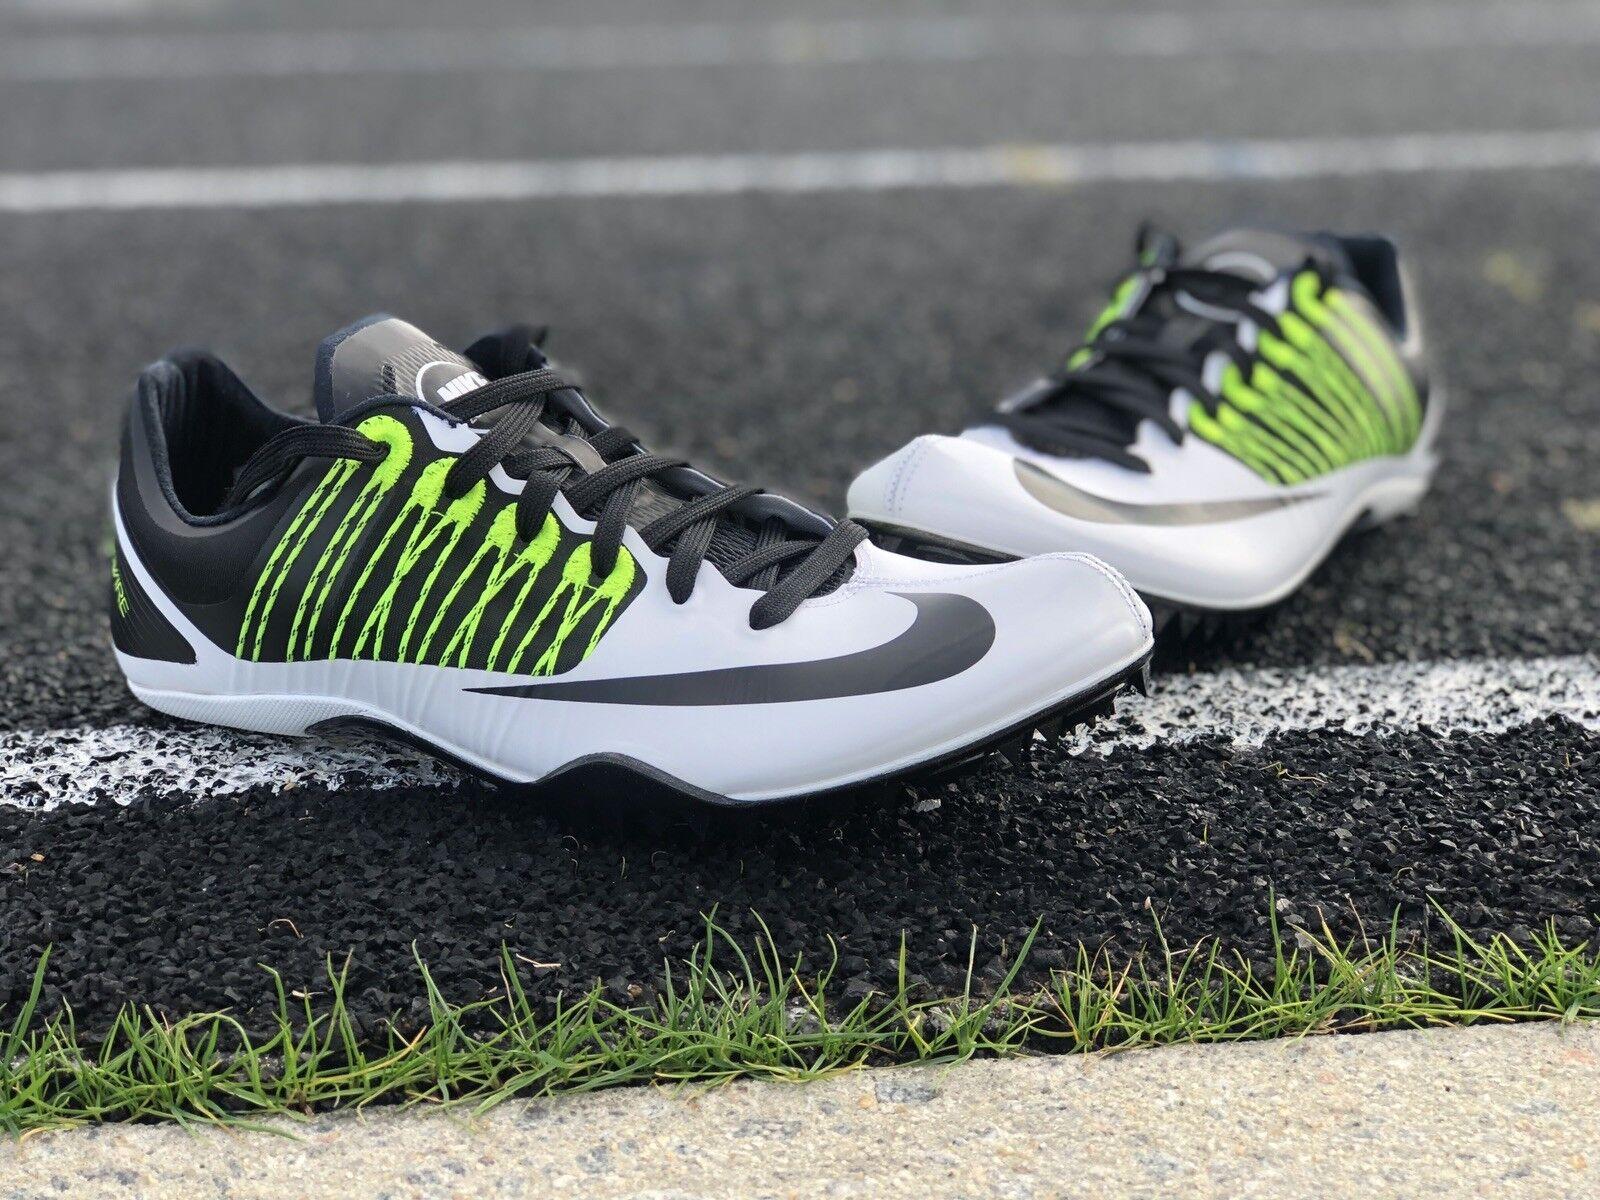 Nike Zoom Celar 5 Sprint Track Spikes White Black Green 629266-107 Size  Men's 8